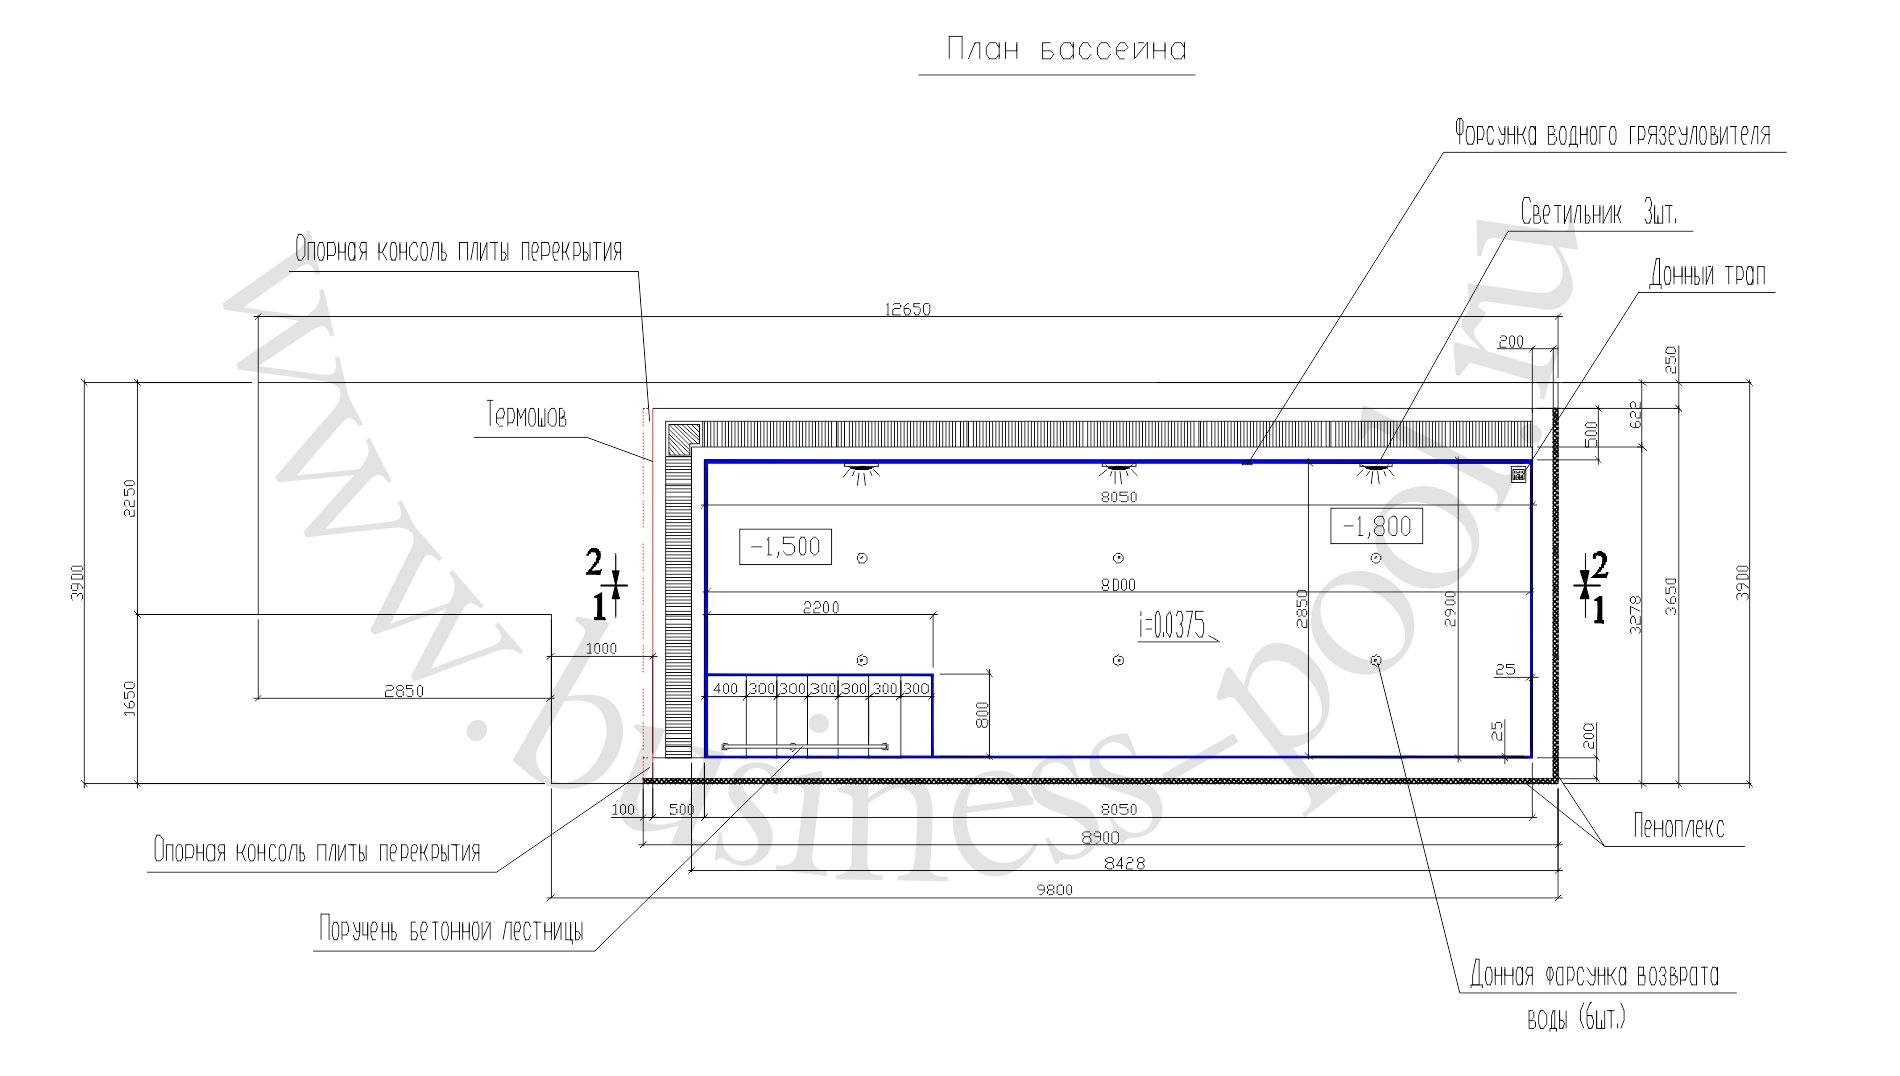 Планировка проекта тз-0025-п